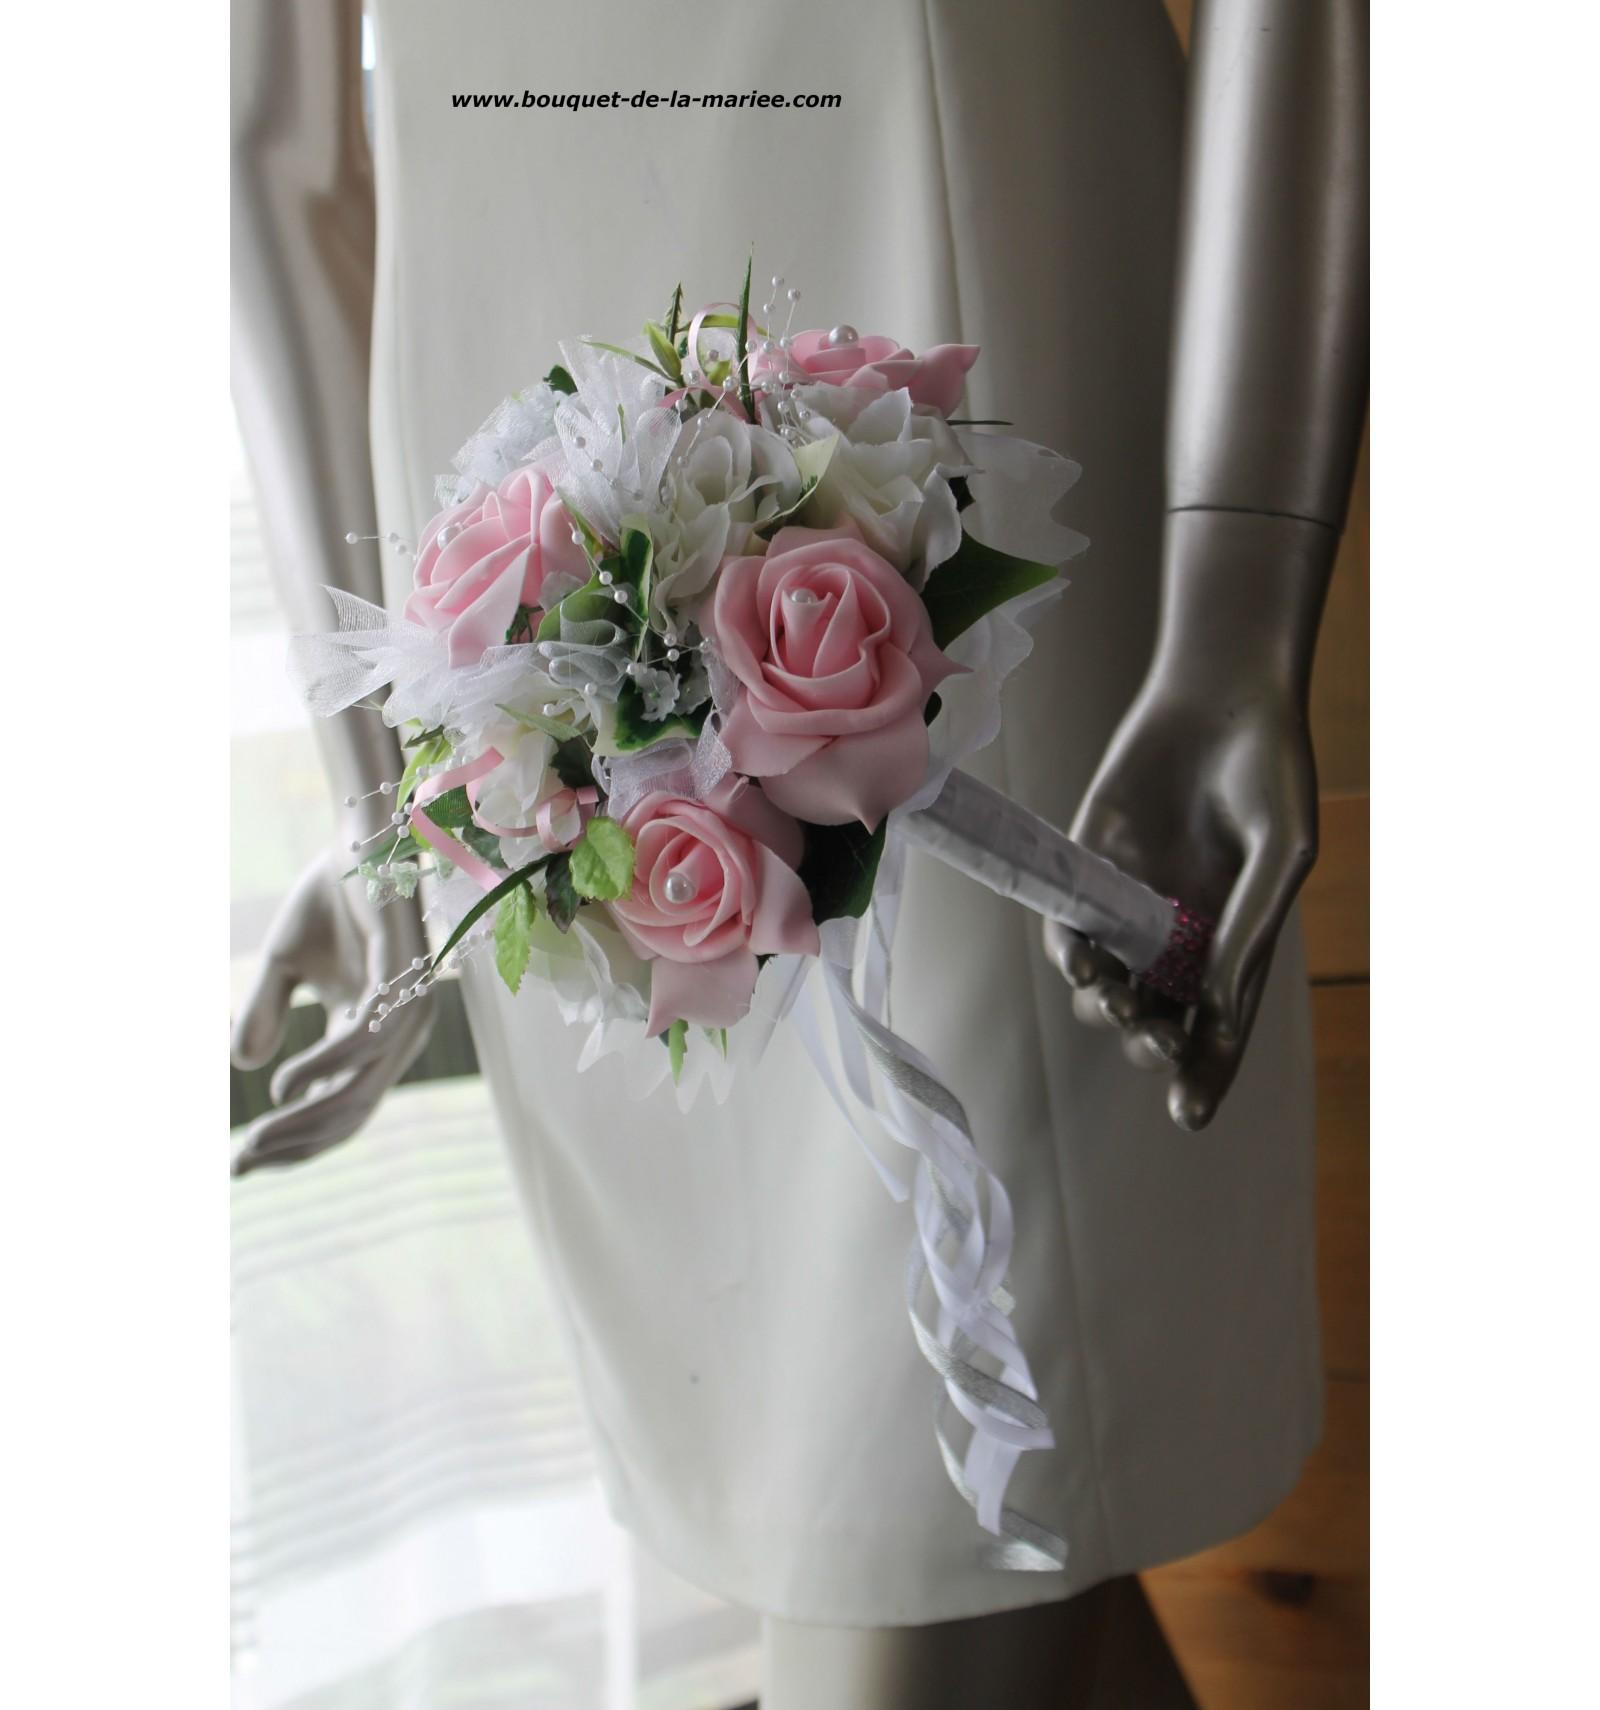 bouquet de fleurs mari e roses couleur rose ou bordeaux. Black Bedroom Furniture Sets. Home Design Ideas